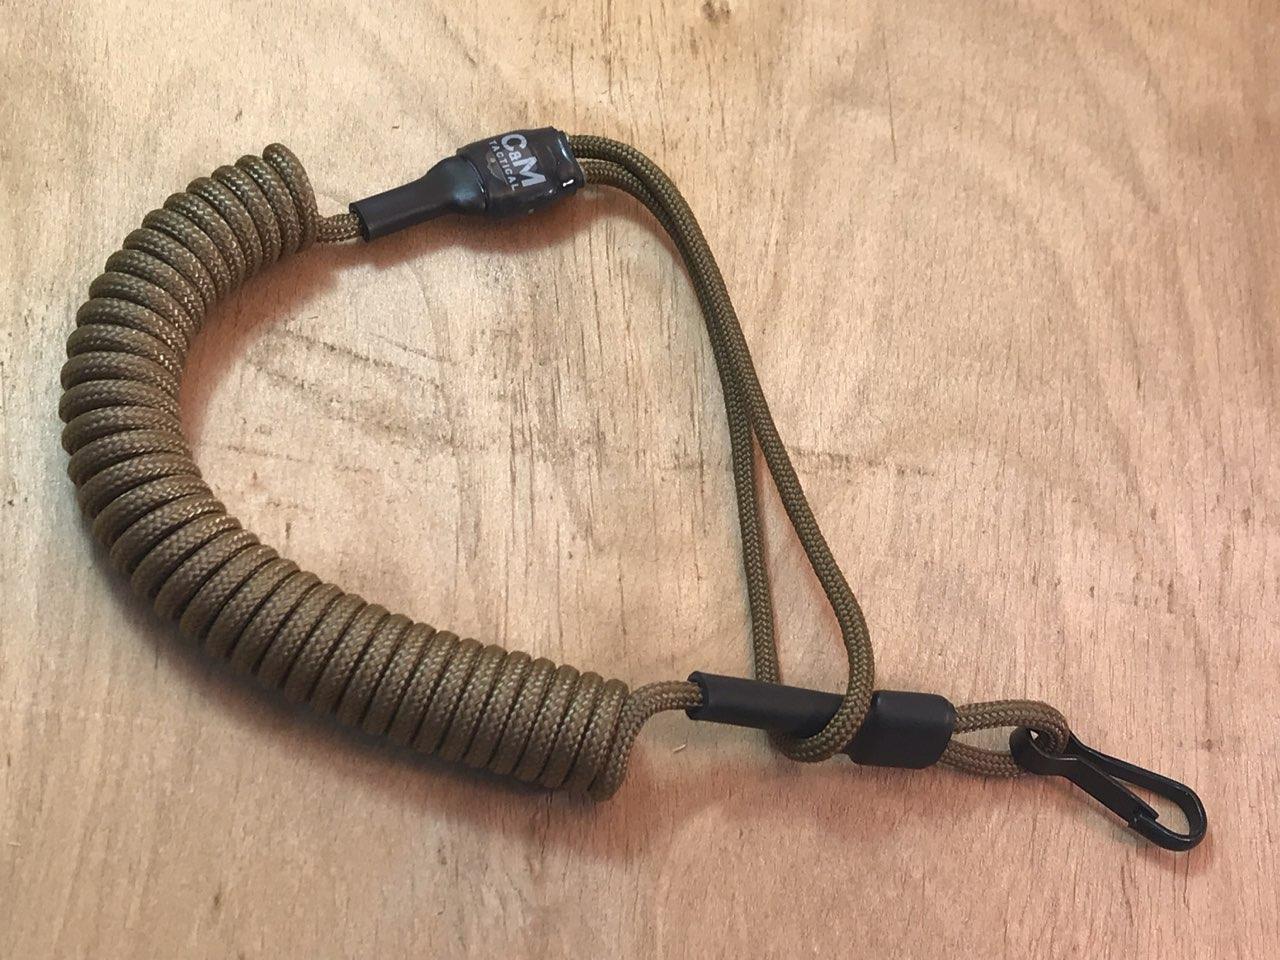 Шнур витой страховочный с универсальной мягкой петлей и карабином (койот)